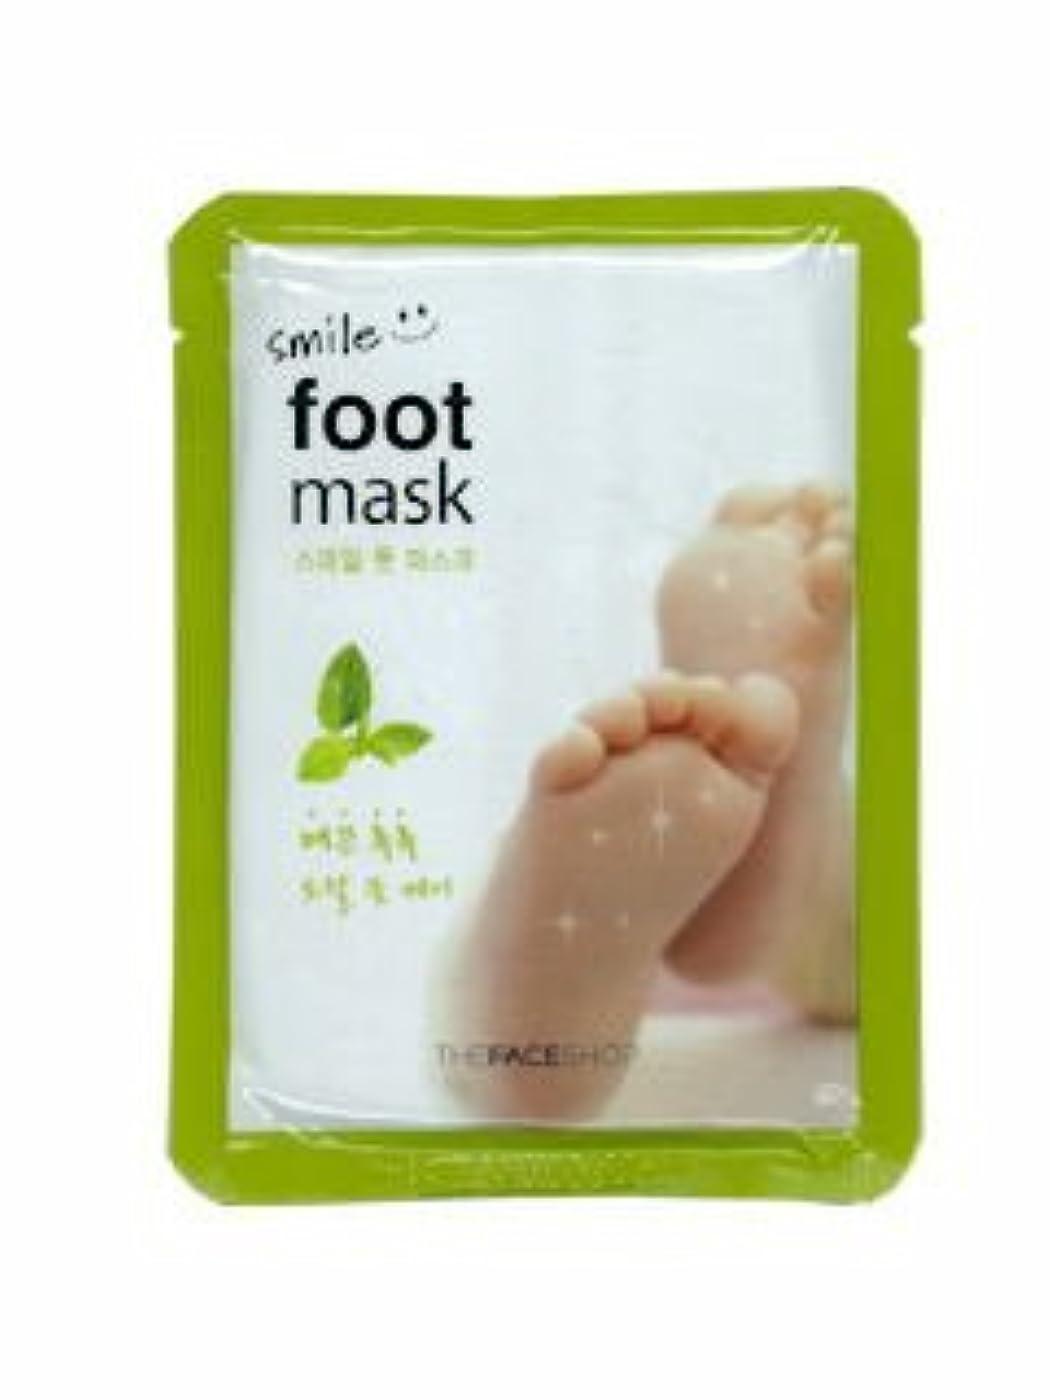 つぼみ制限されたチロ【THE FACE SHOP ( ザフェイスショップ )】 SMILE FOOT MASK スマイル フット マスク